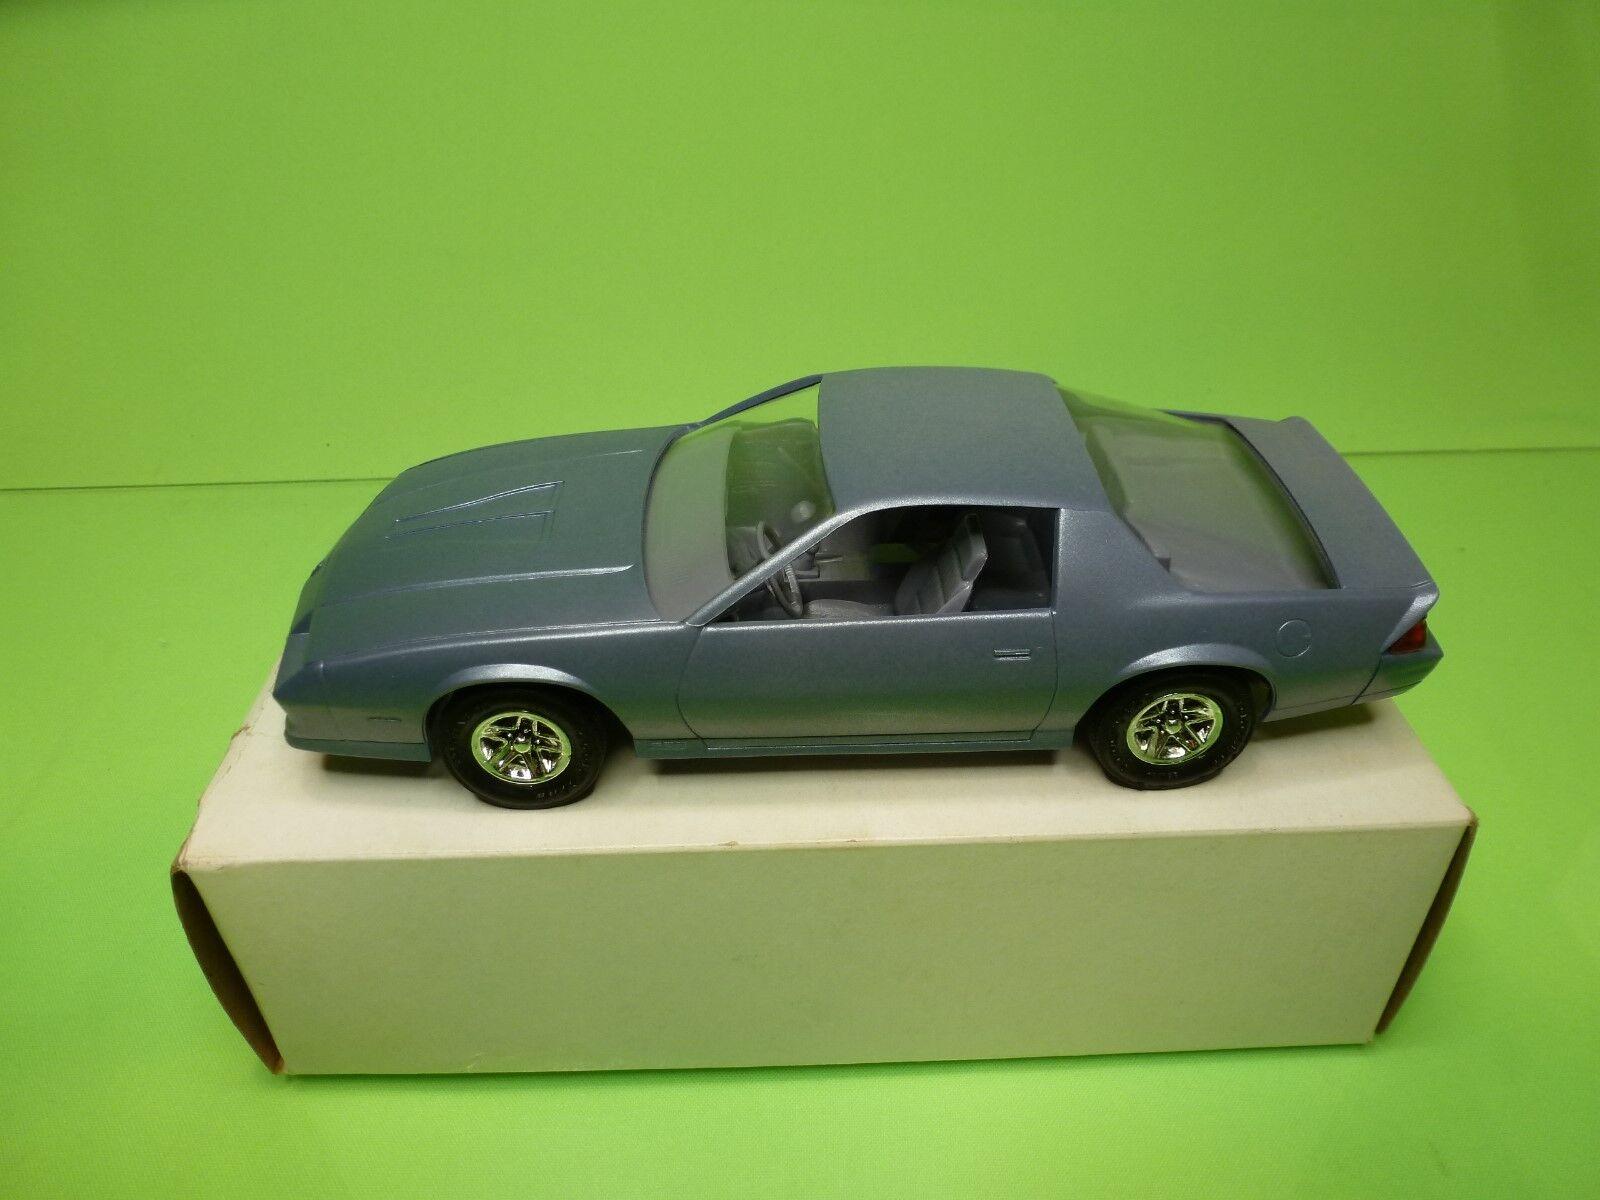 MPC  1 1 1 25  PROMO - CHEVROLET CAMARO 1984  blueE  - GOOD CONDITION IN BOX 6dd6fc